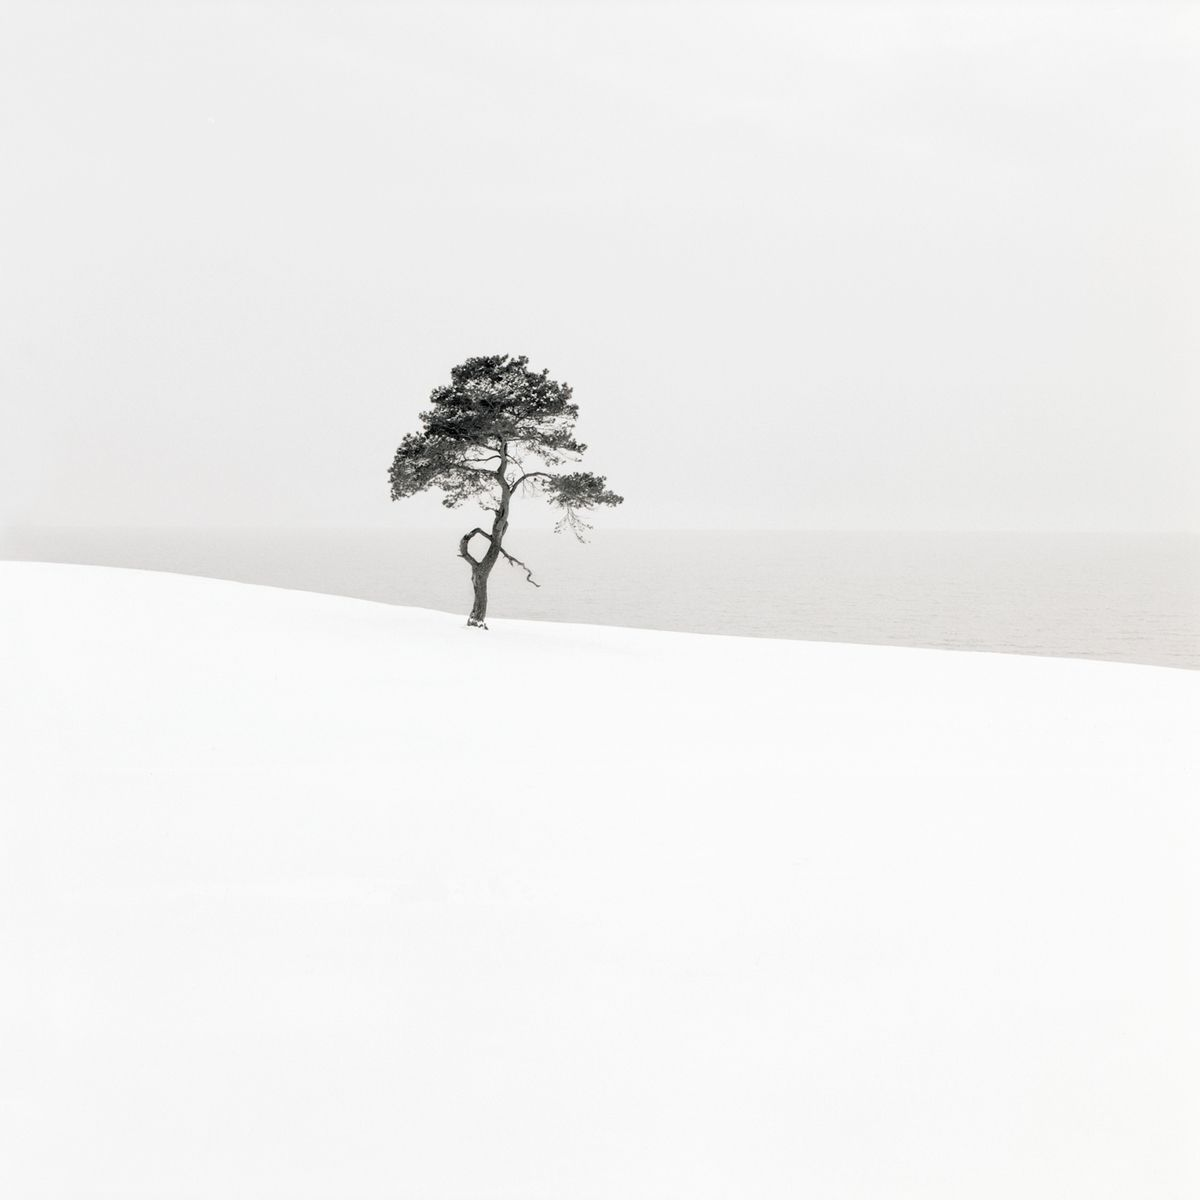 Snow Scene I - trends in fotografie website